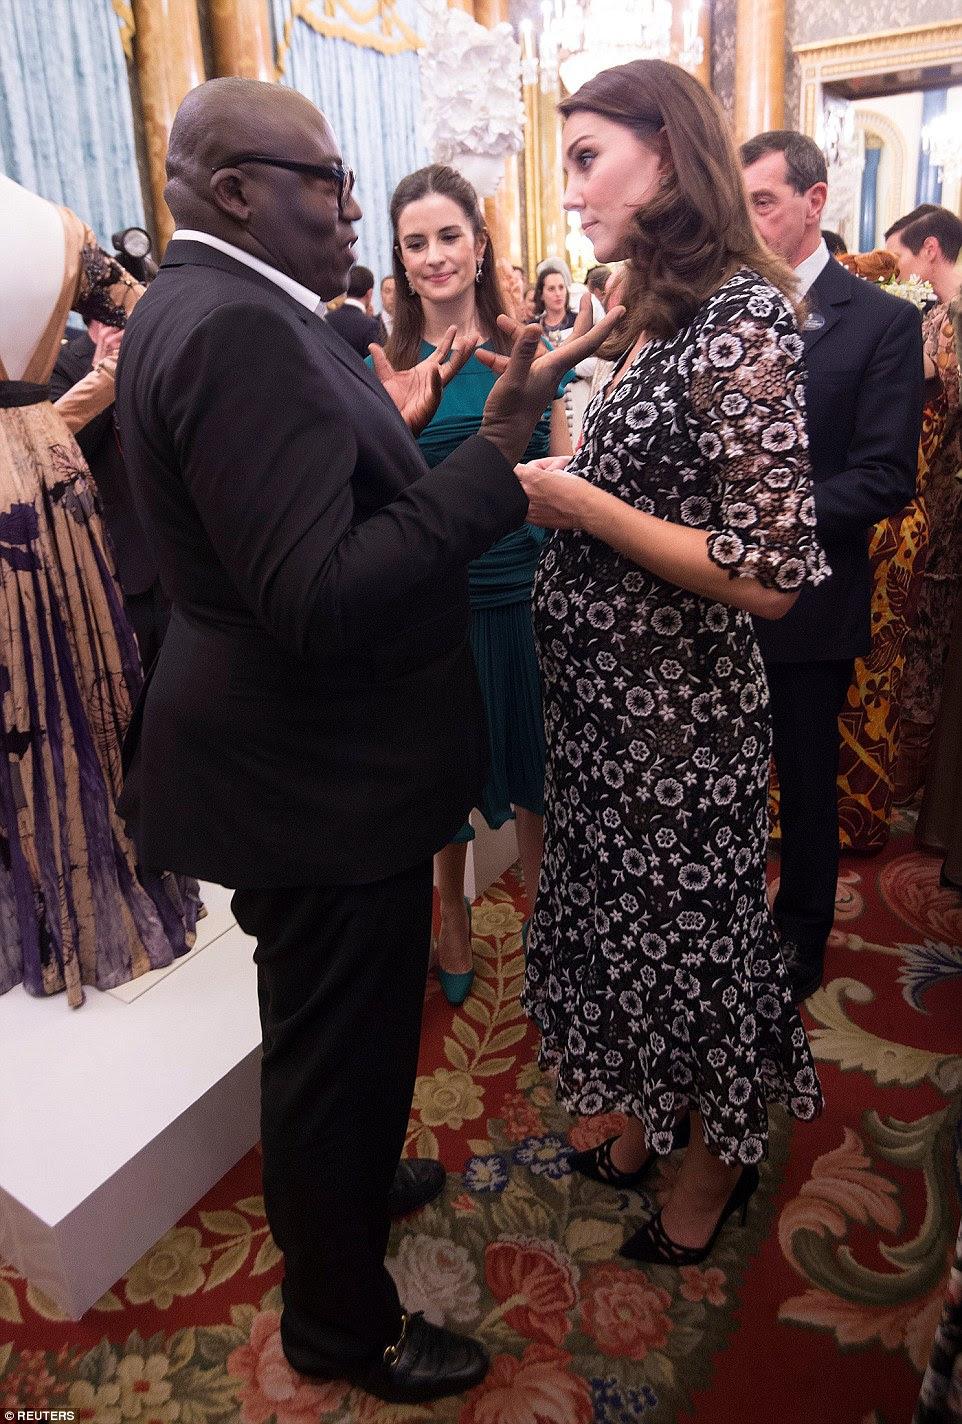 Caras elegantes: a Duquesa ficou profundamente conversa enquanto conversava com o novo editor britânico Edward Enninful